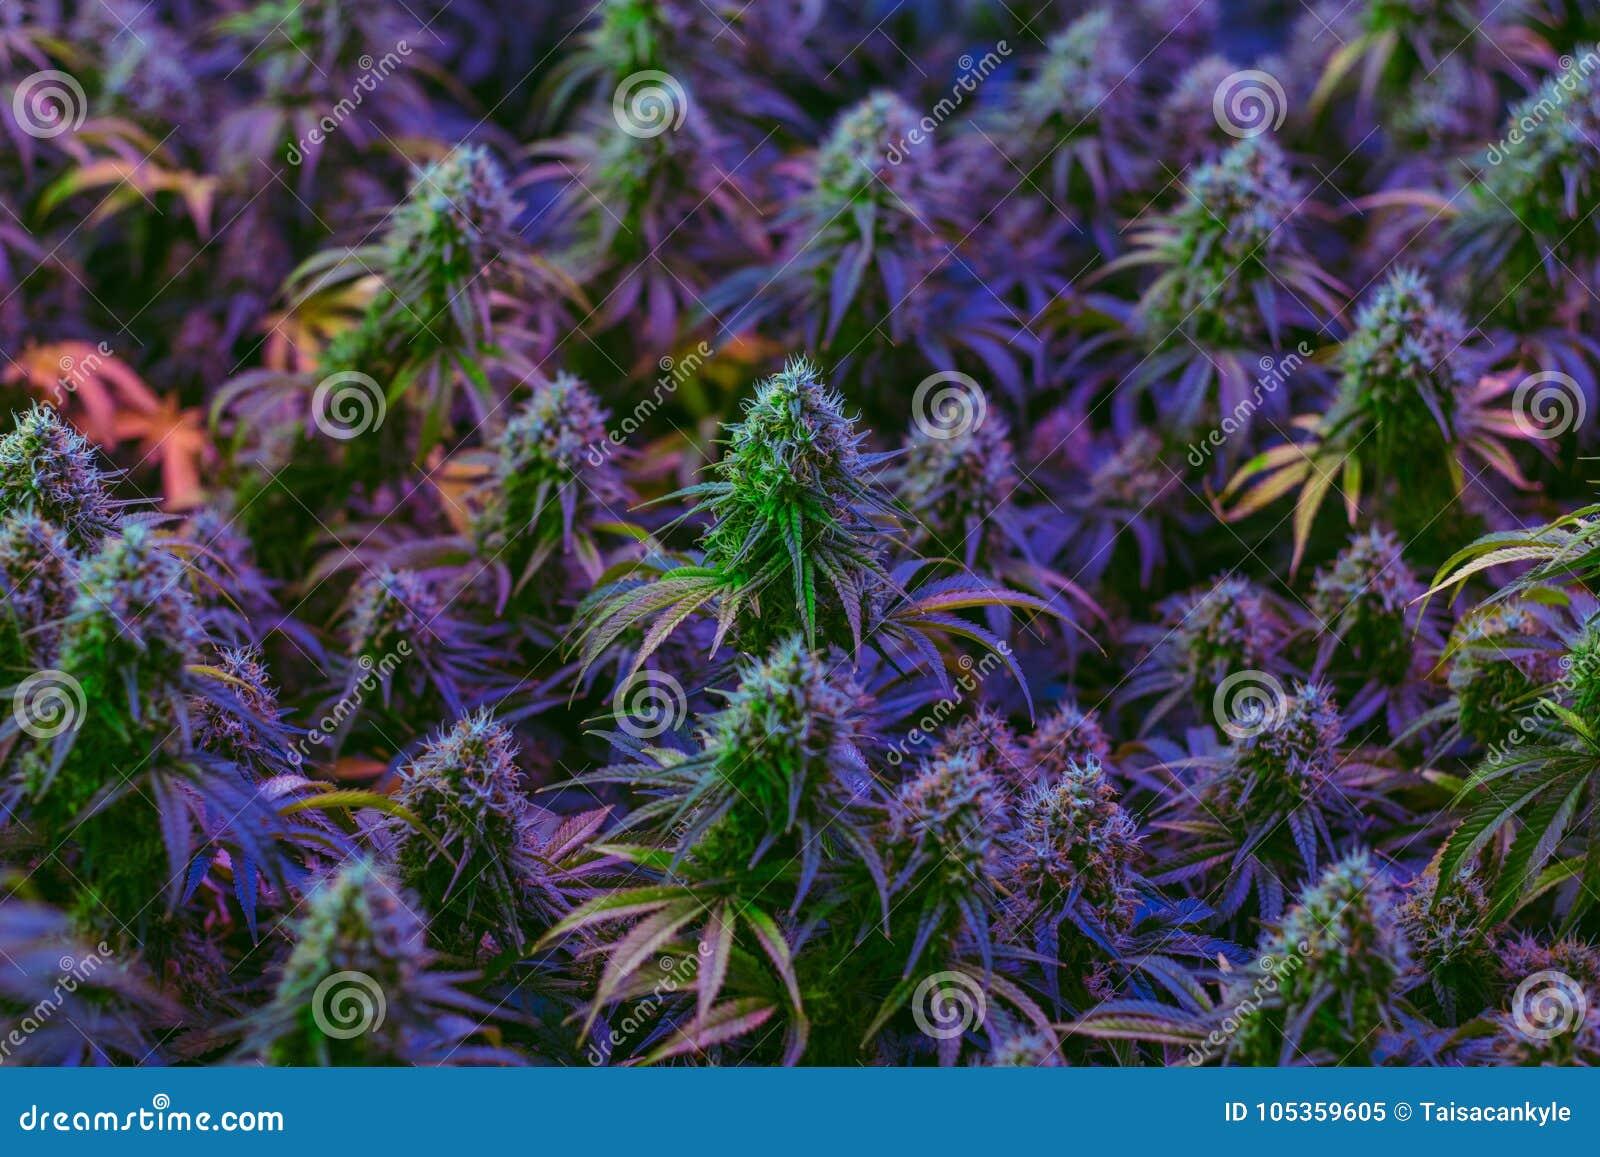 Plantas de marijuana muy coloridas que son cultivadas para el uso alternativo de la atención sanitaria